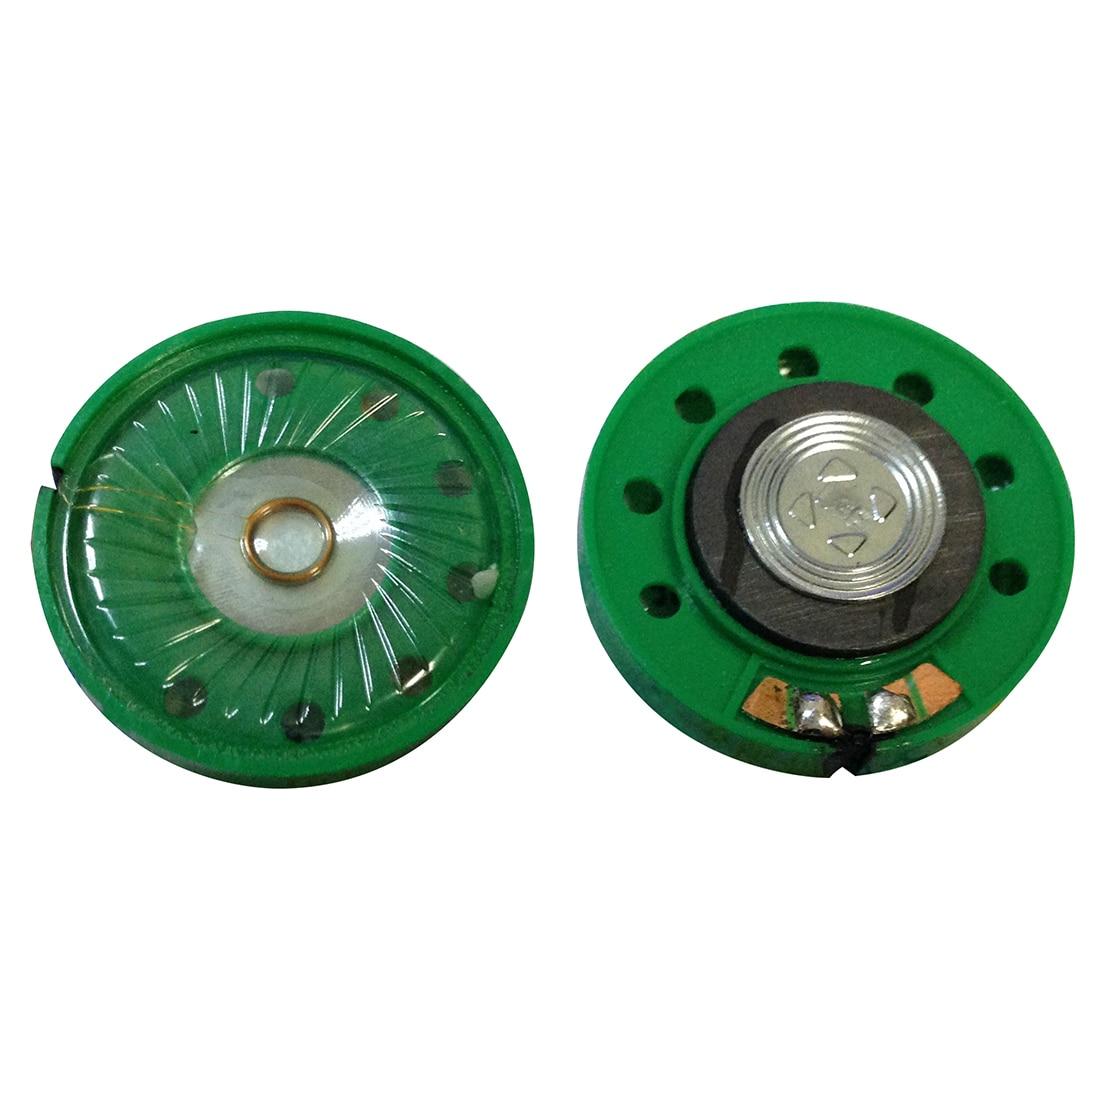 36mm Diameter Aluminum Shell Internal Magnet Speaker 16 Ohm 0.25W 2Pcs